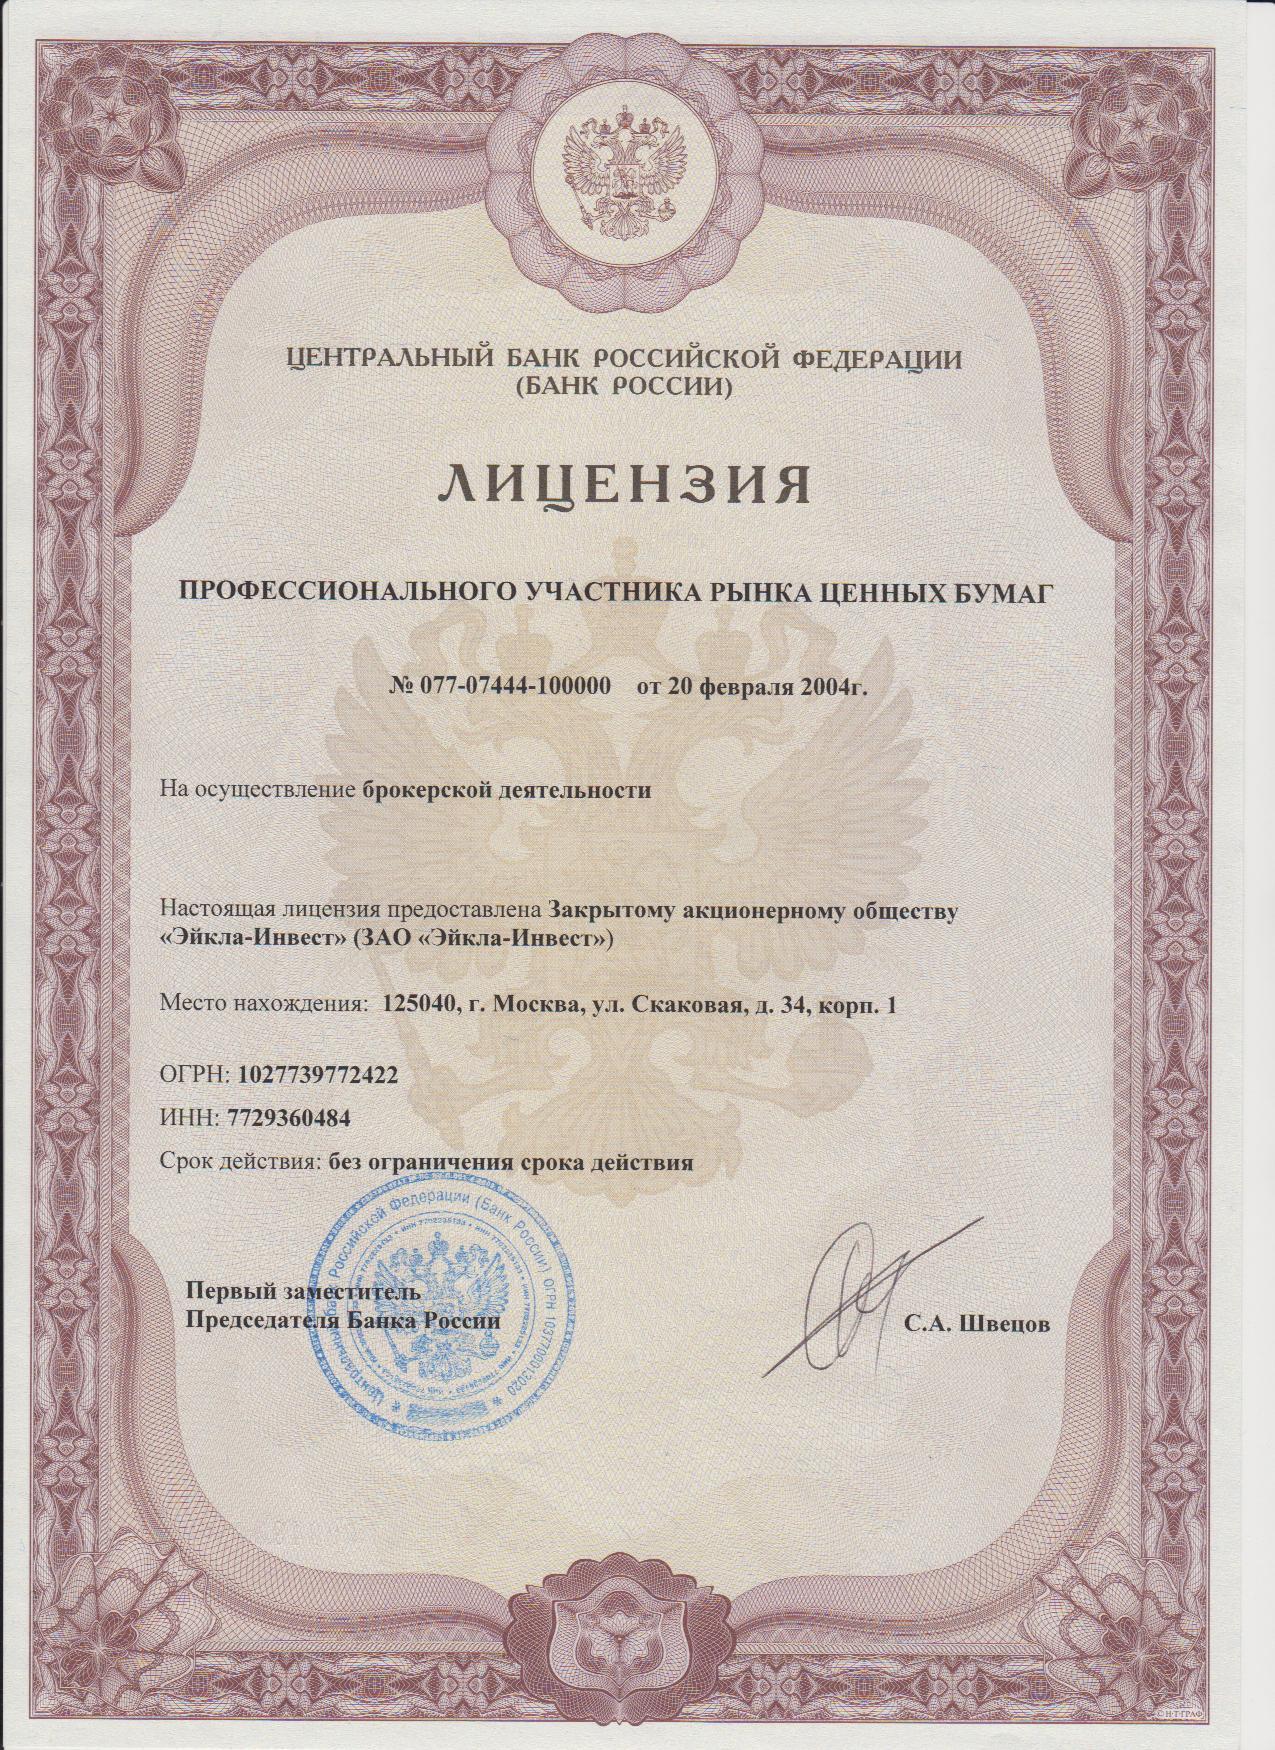 ЗАО Эйкла Инвест   рынка ценных бумаг имеющий лицензии на осуществление брокерской дилерской